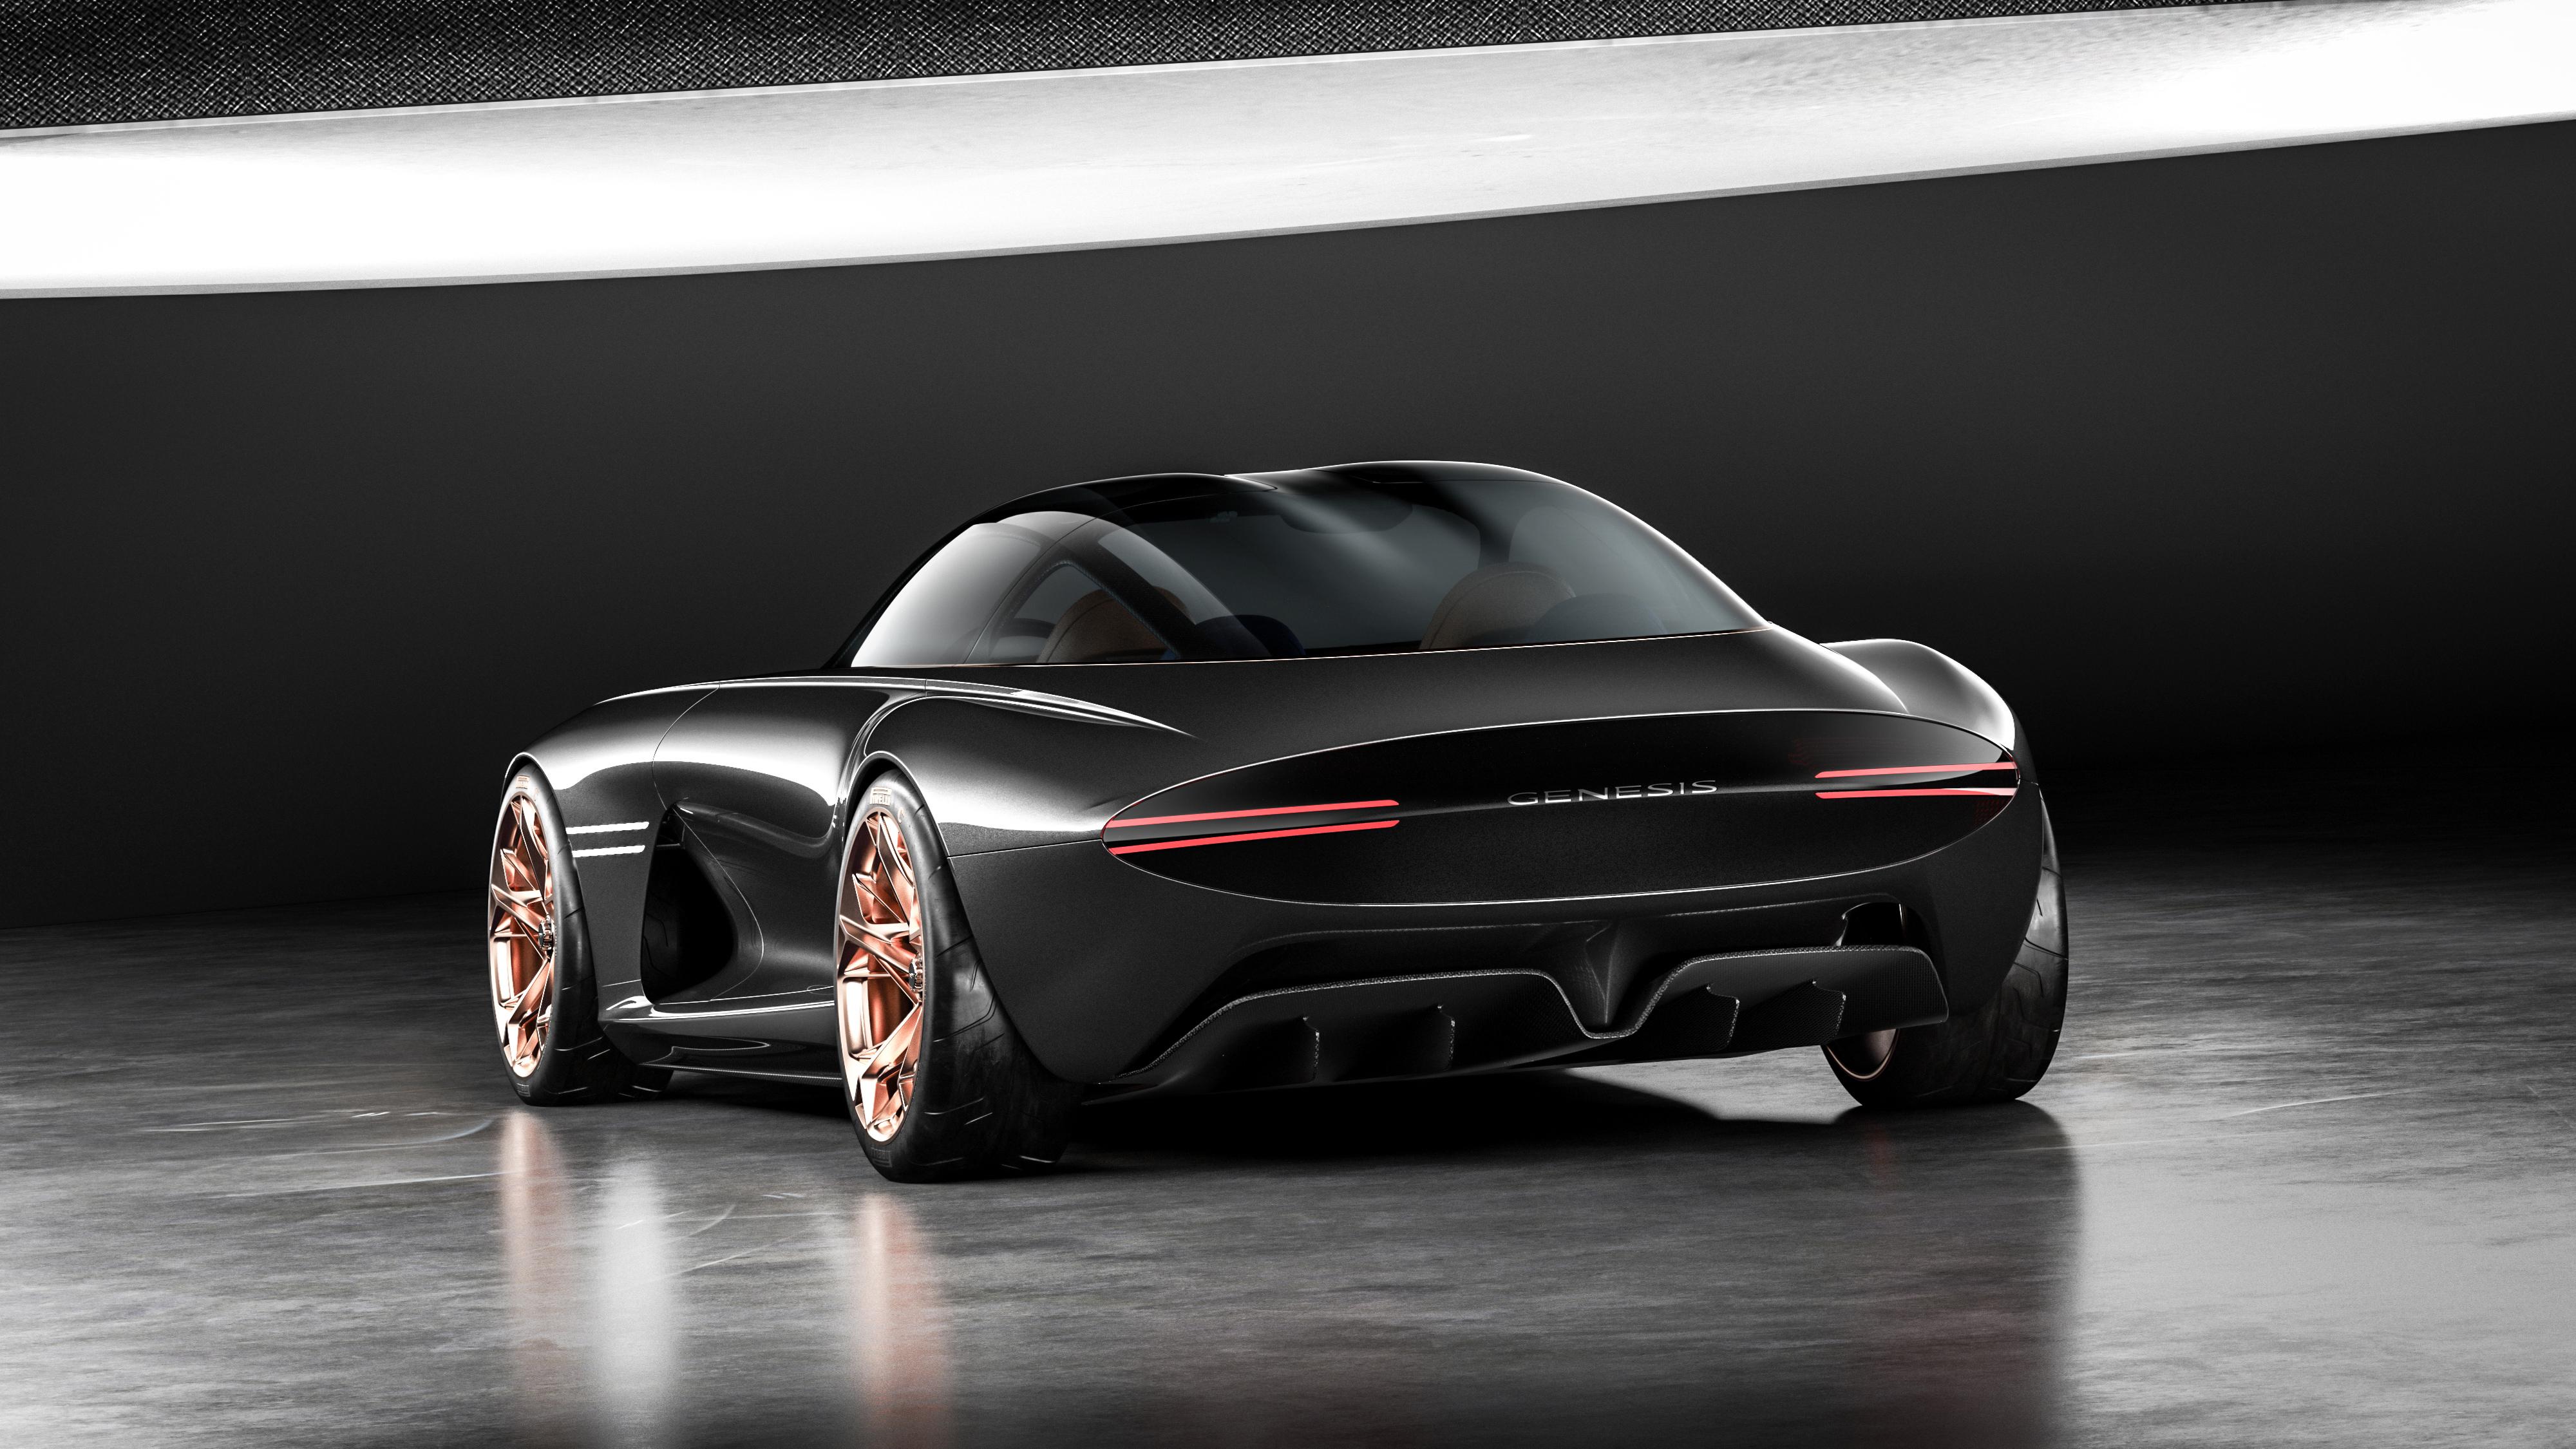 2018 Genesis Essentia Concept 4K 2 Wallpaper   HD Car ...